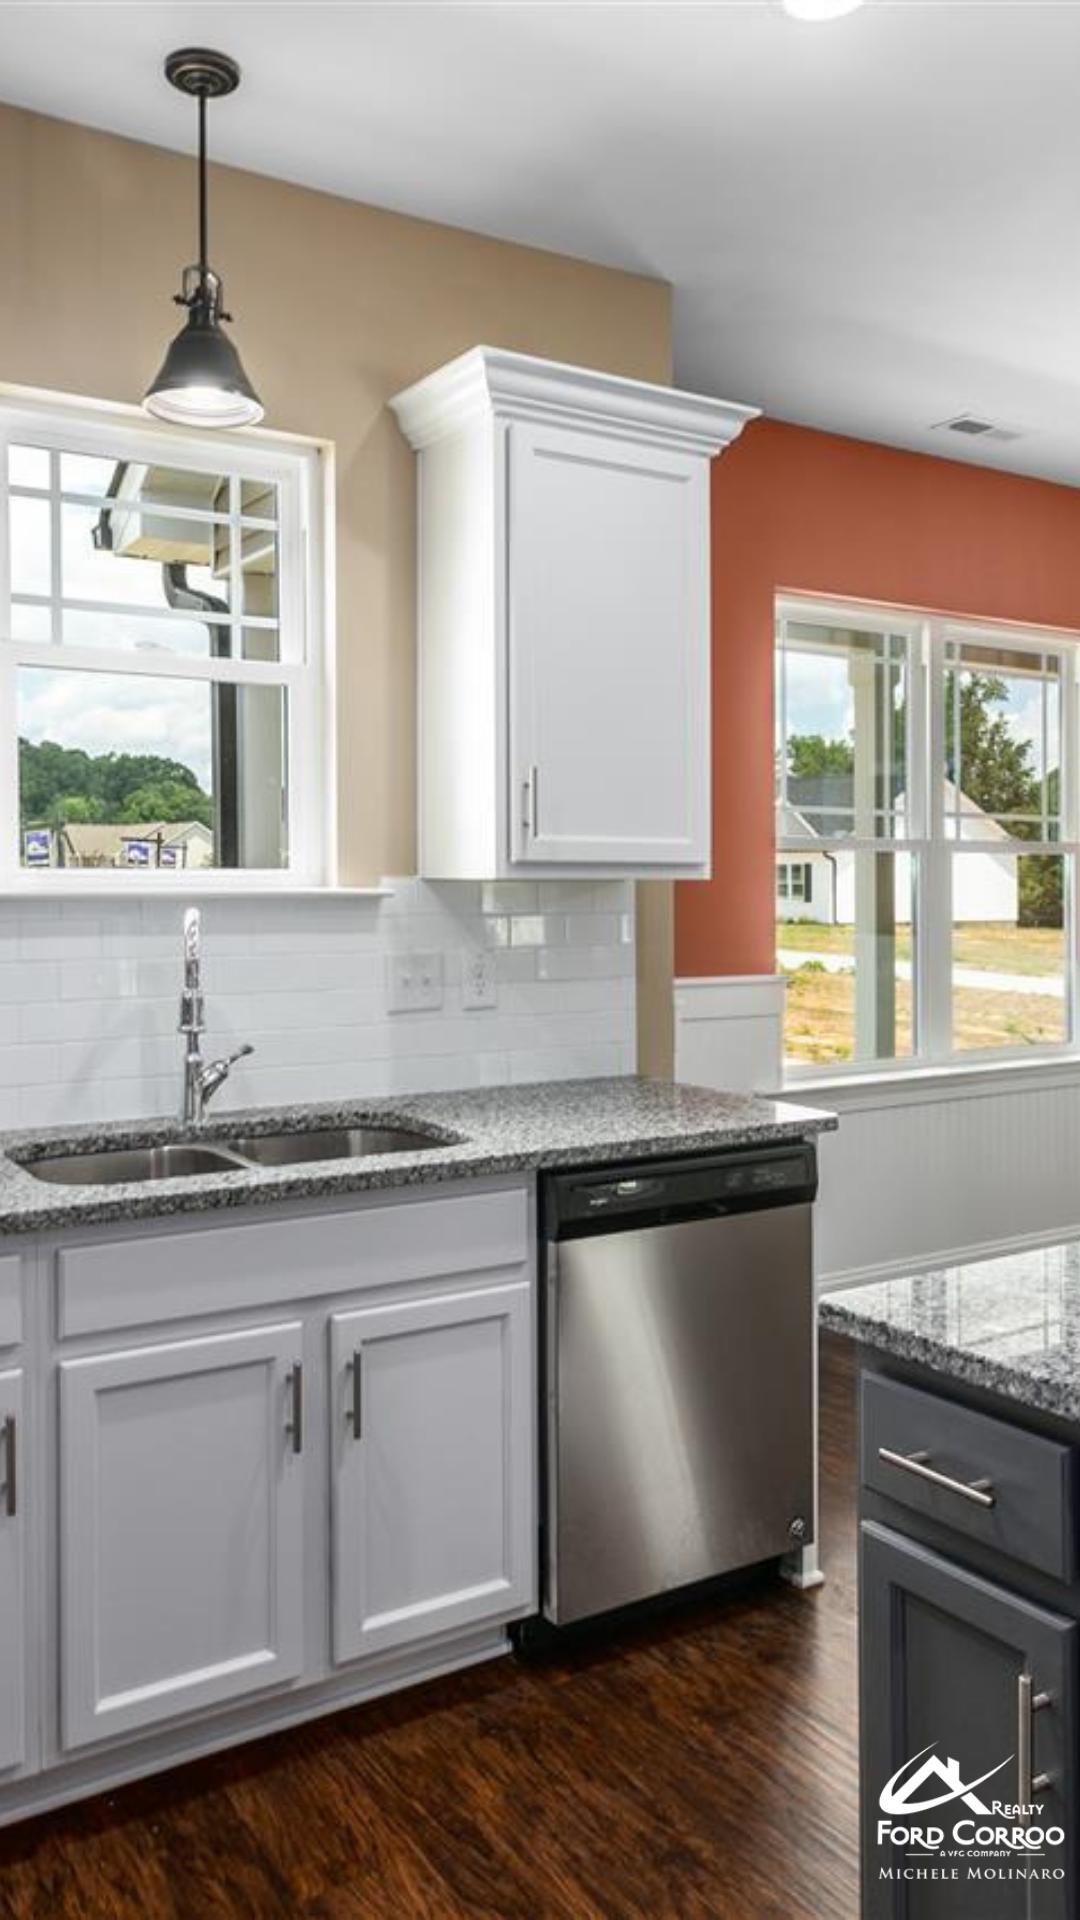 Beautiful New Kitchen Kitchen Inspiration Design New Kitchen Kitchen Inspirations